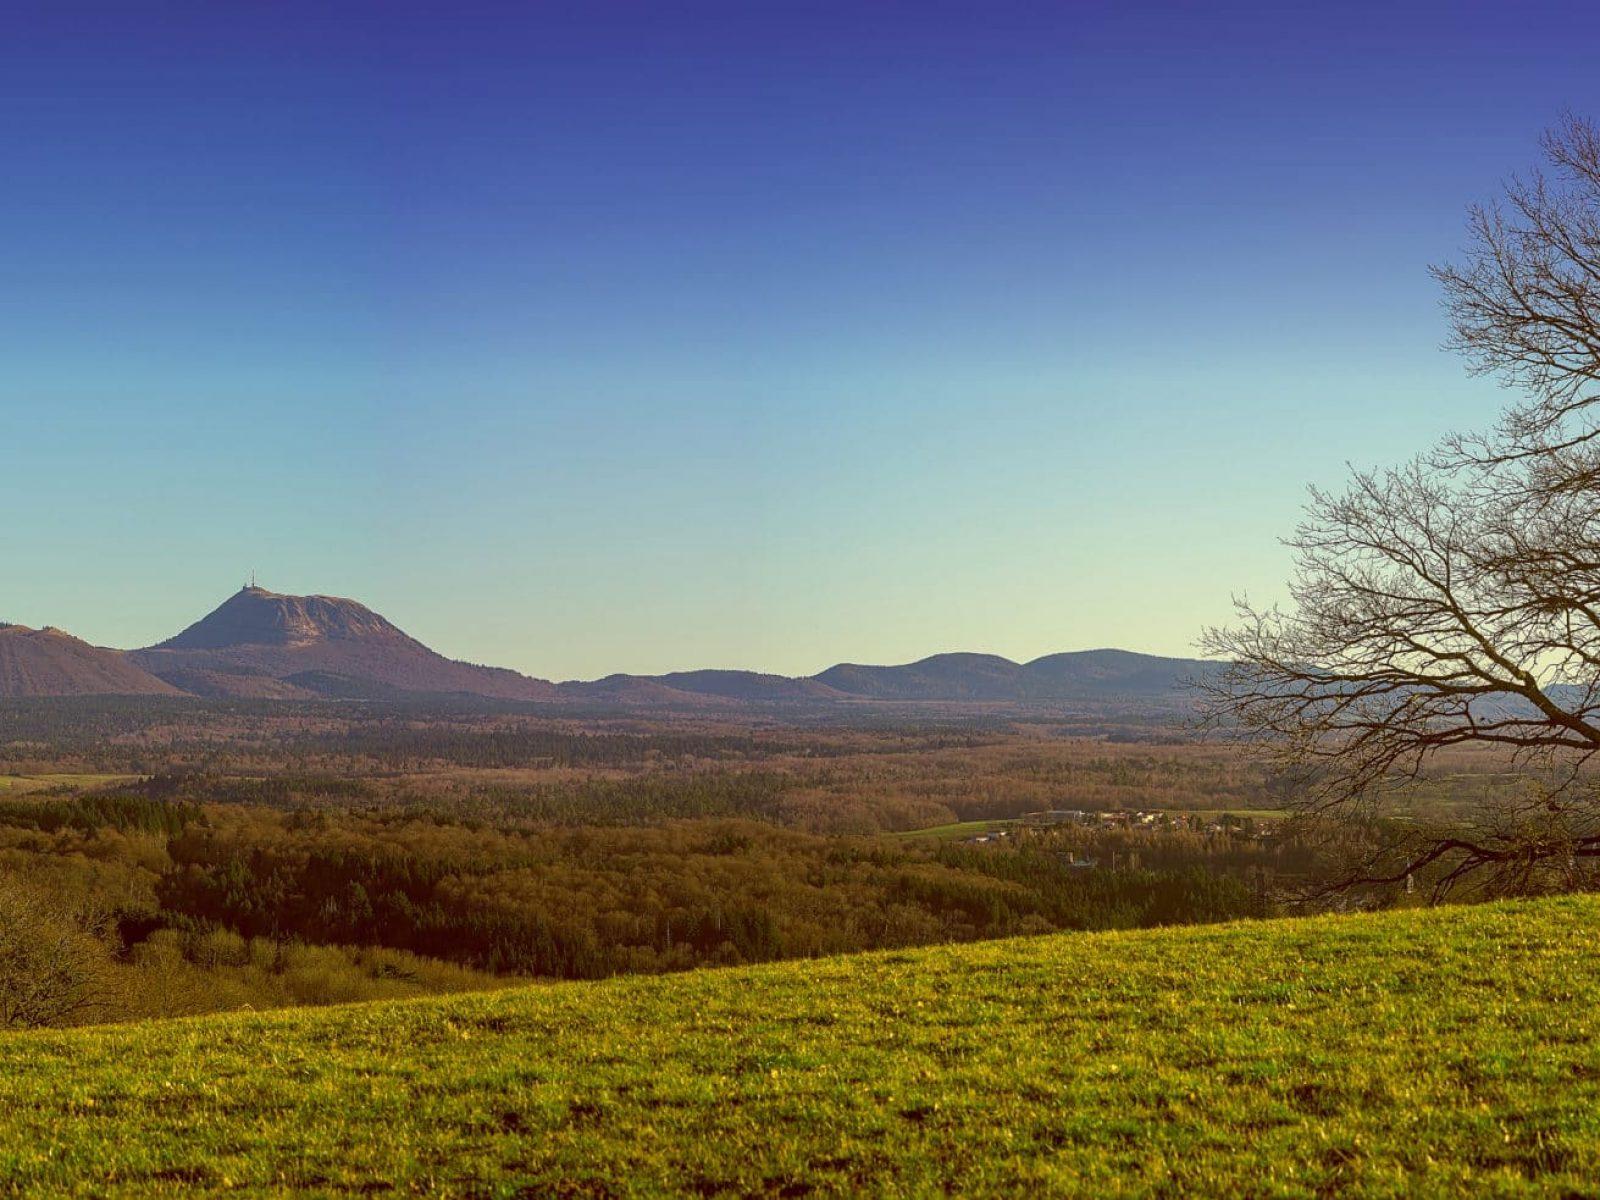 Vue sur la chaîne des Puys en Auvergne, avec le le puy de Dômes.